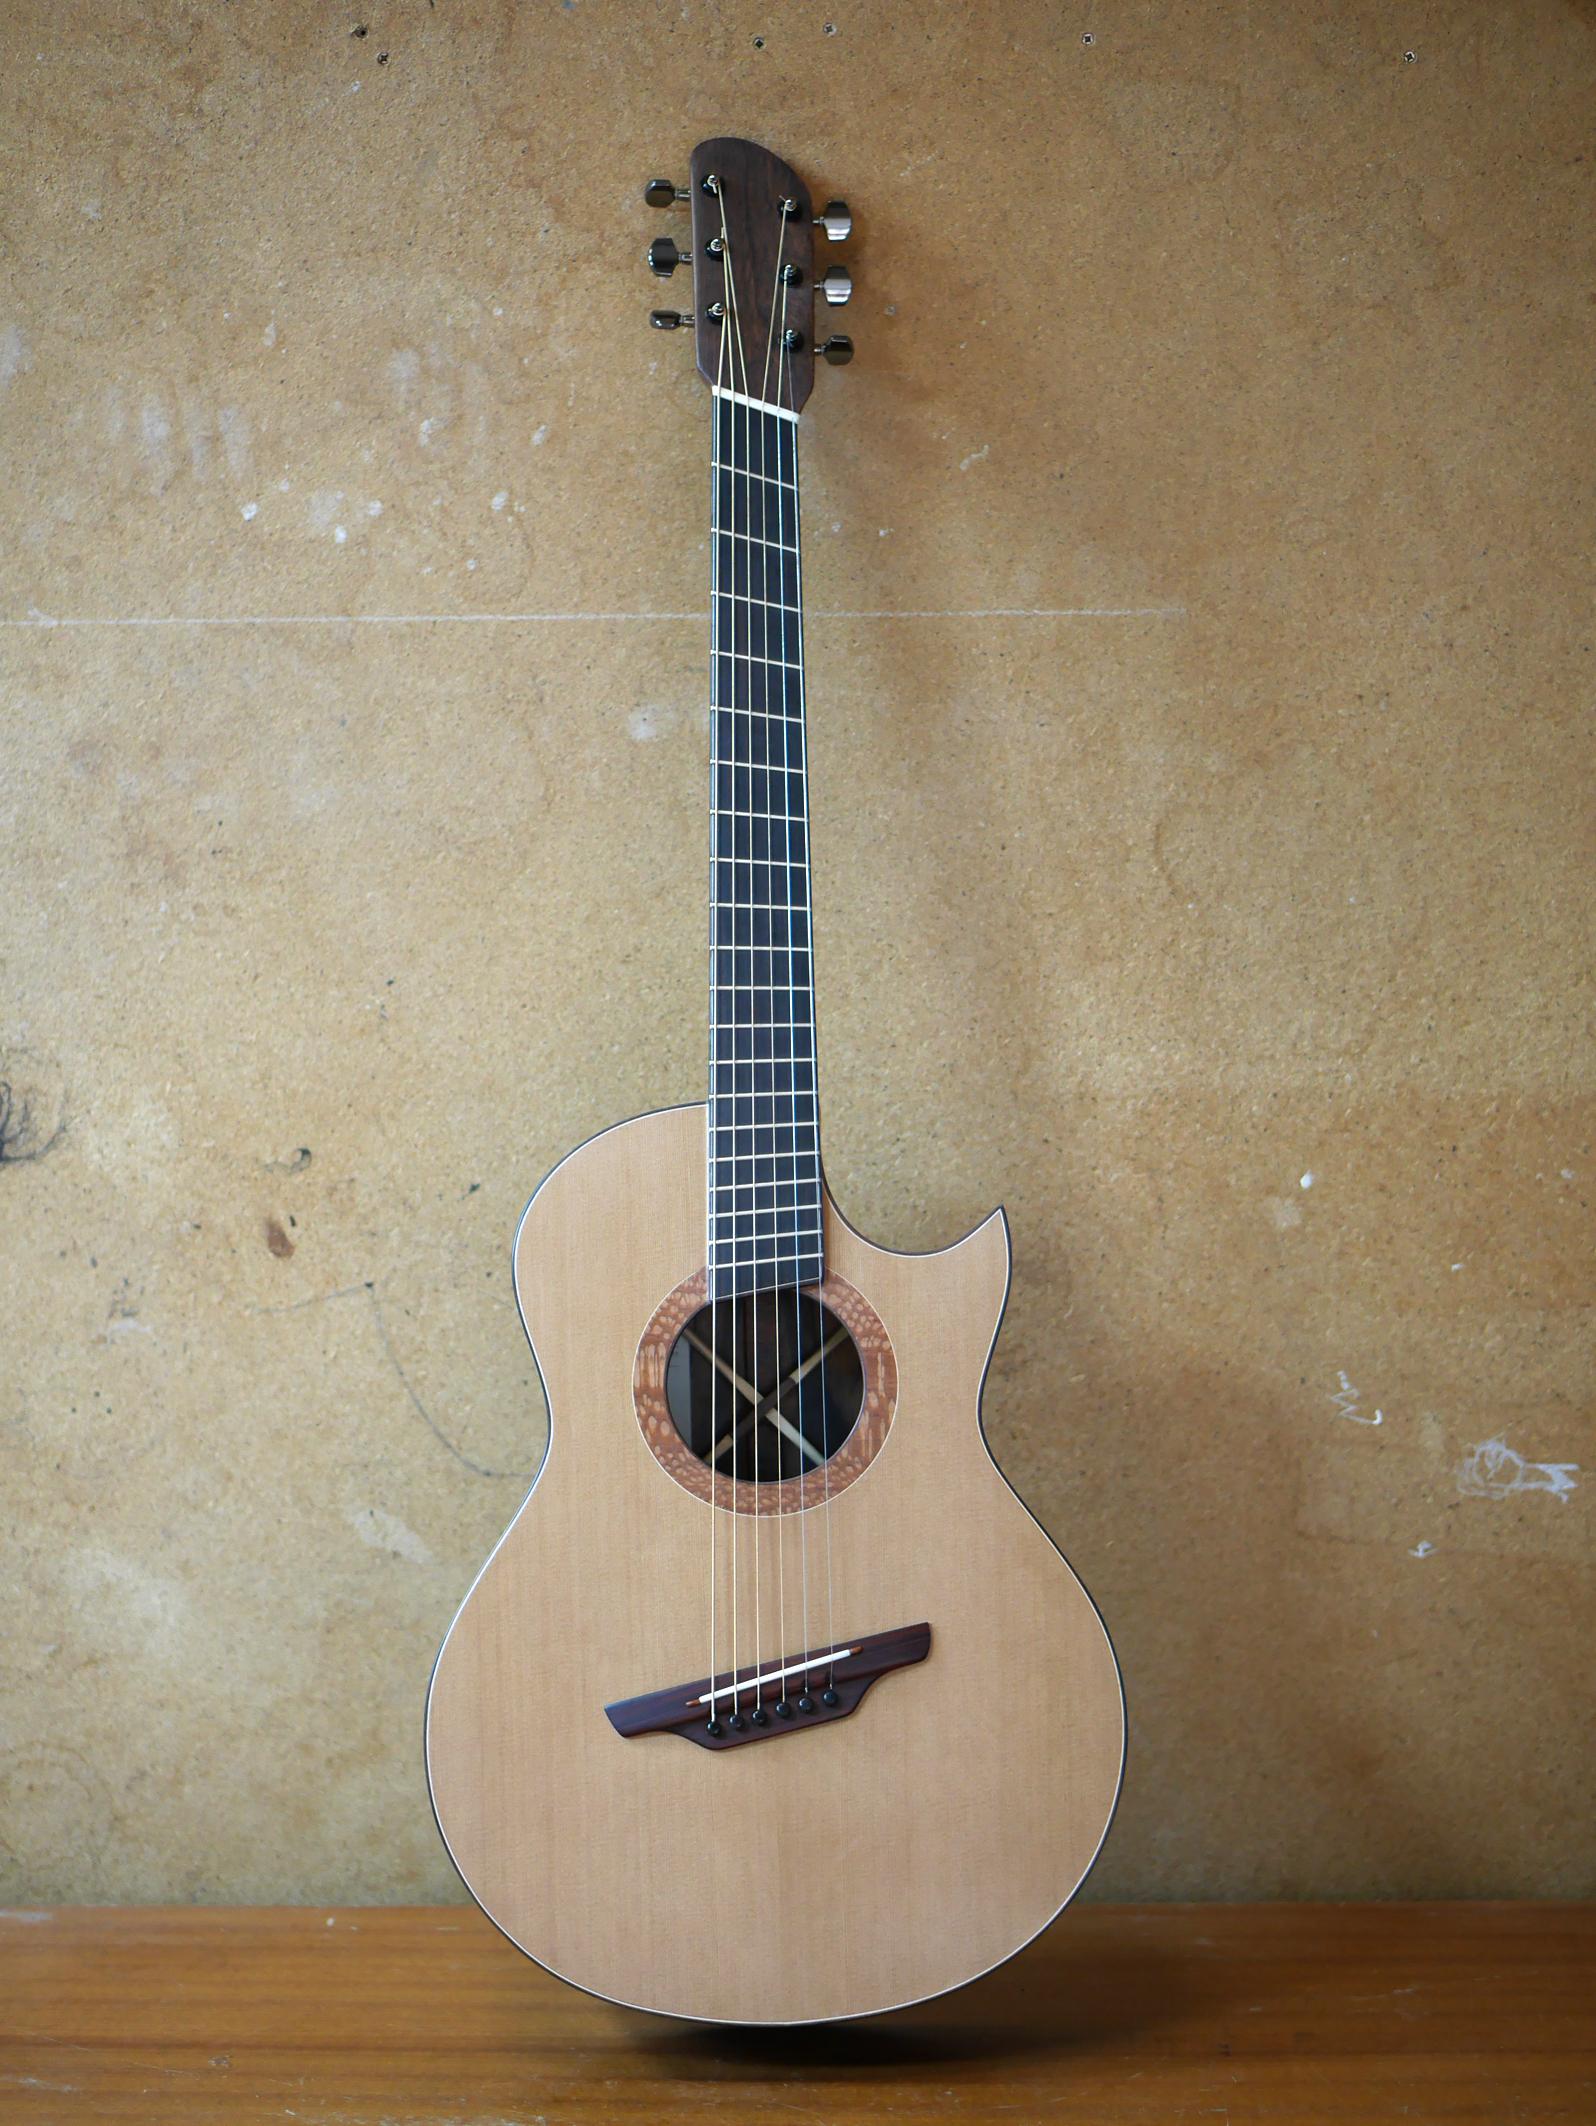 cedar guitar, fanned frets